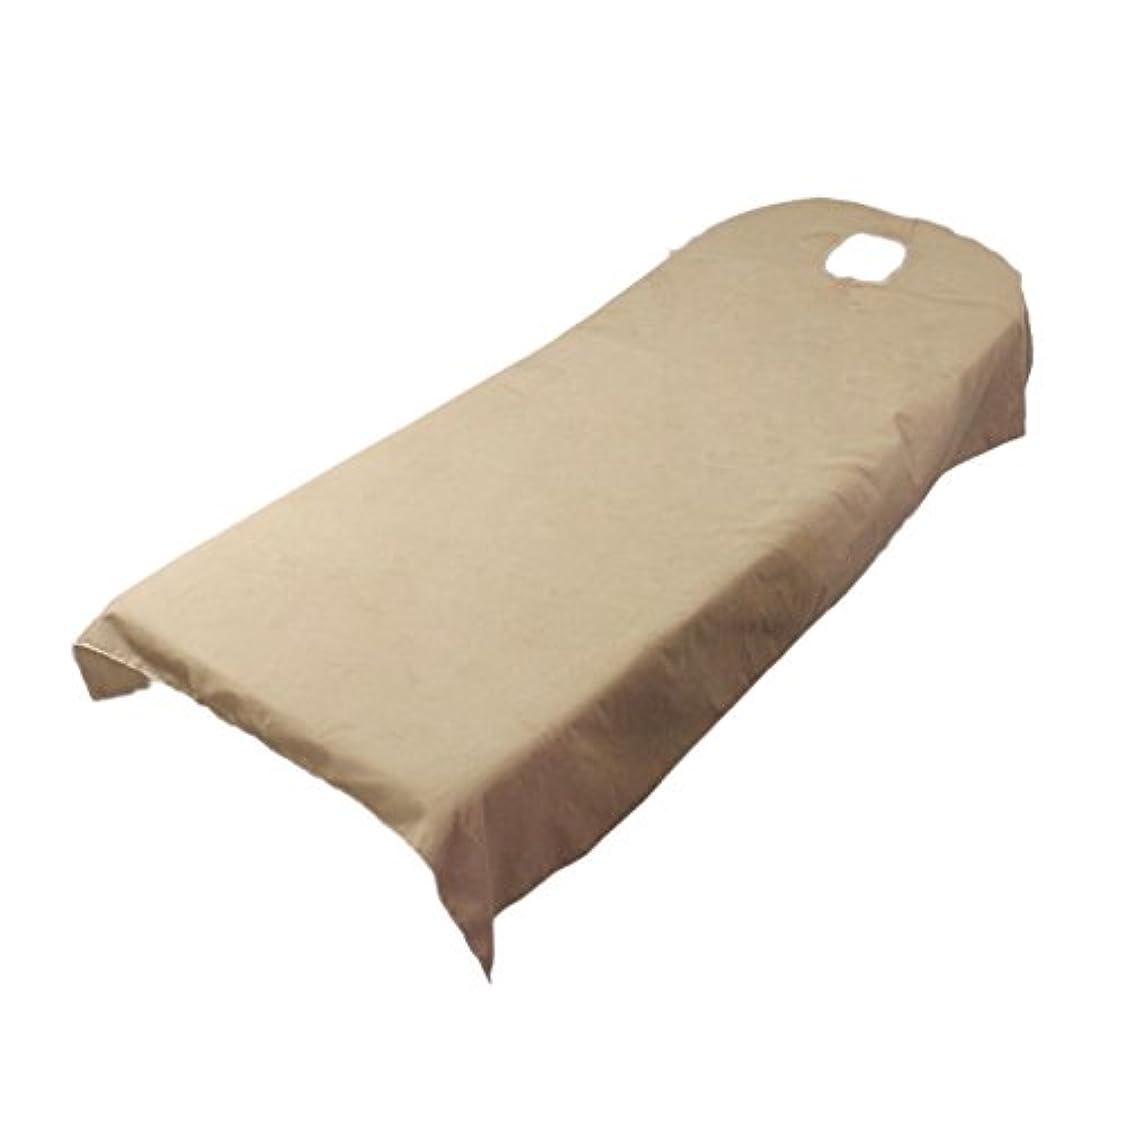 まばたきクレアローブHomyl 柔らかい ベッドカバー シート ホール付き 美容/マッサージ/スパ専用 全9色可選 - キャメル